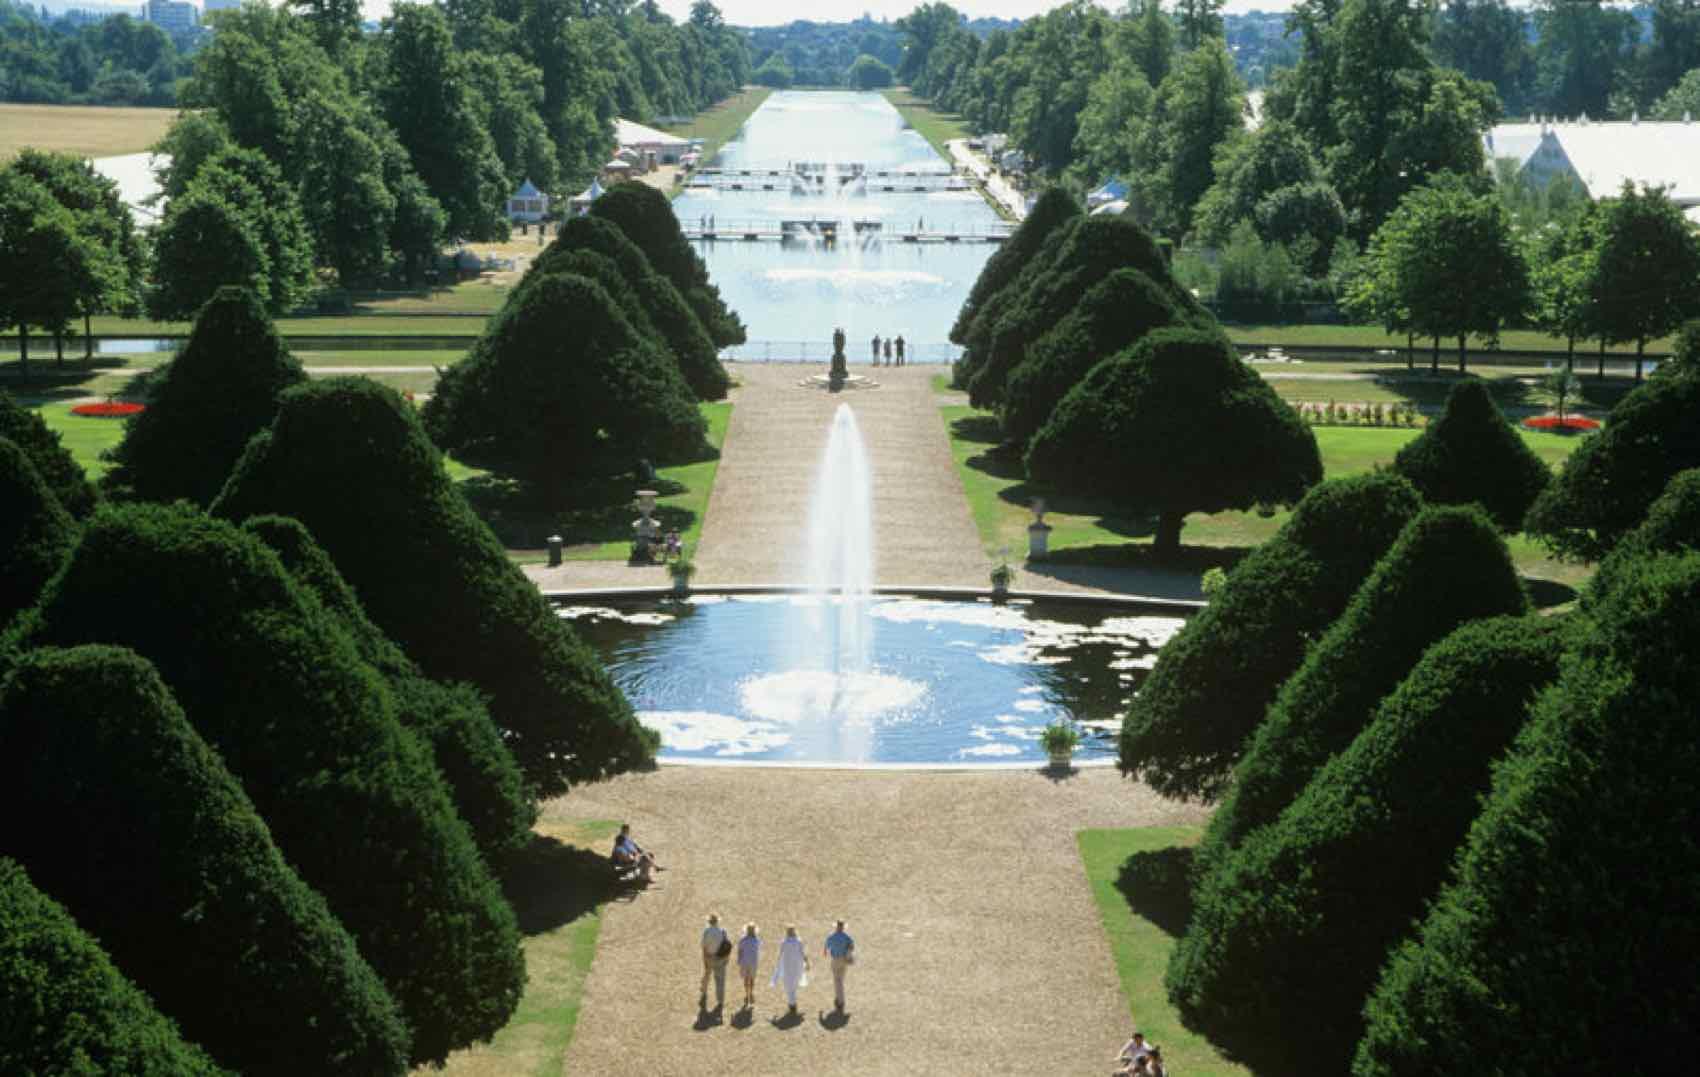 The Great Fountain Garden